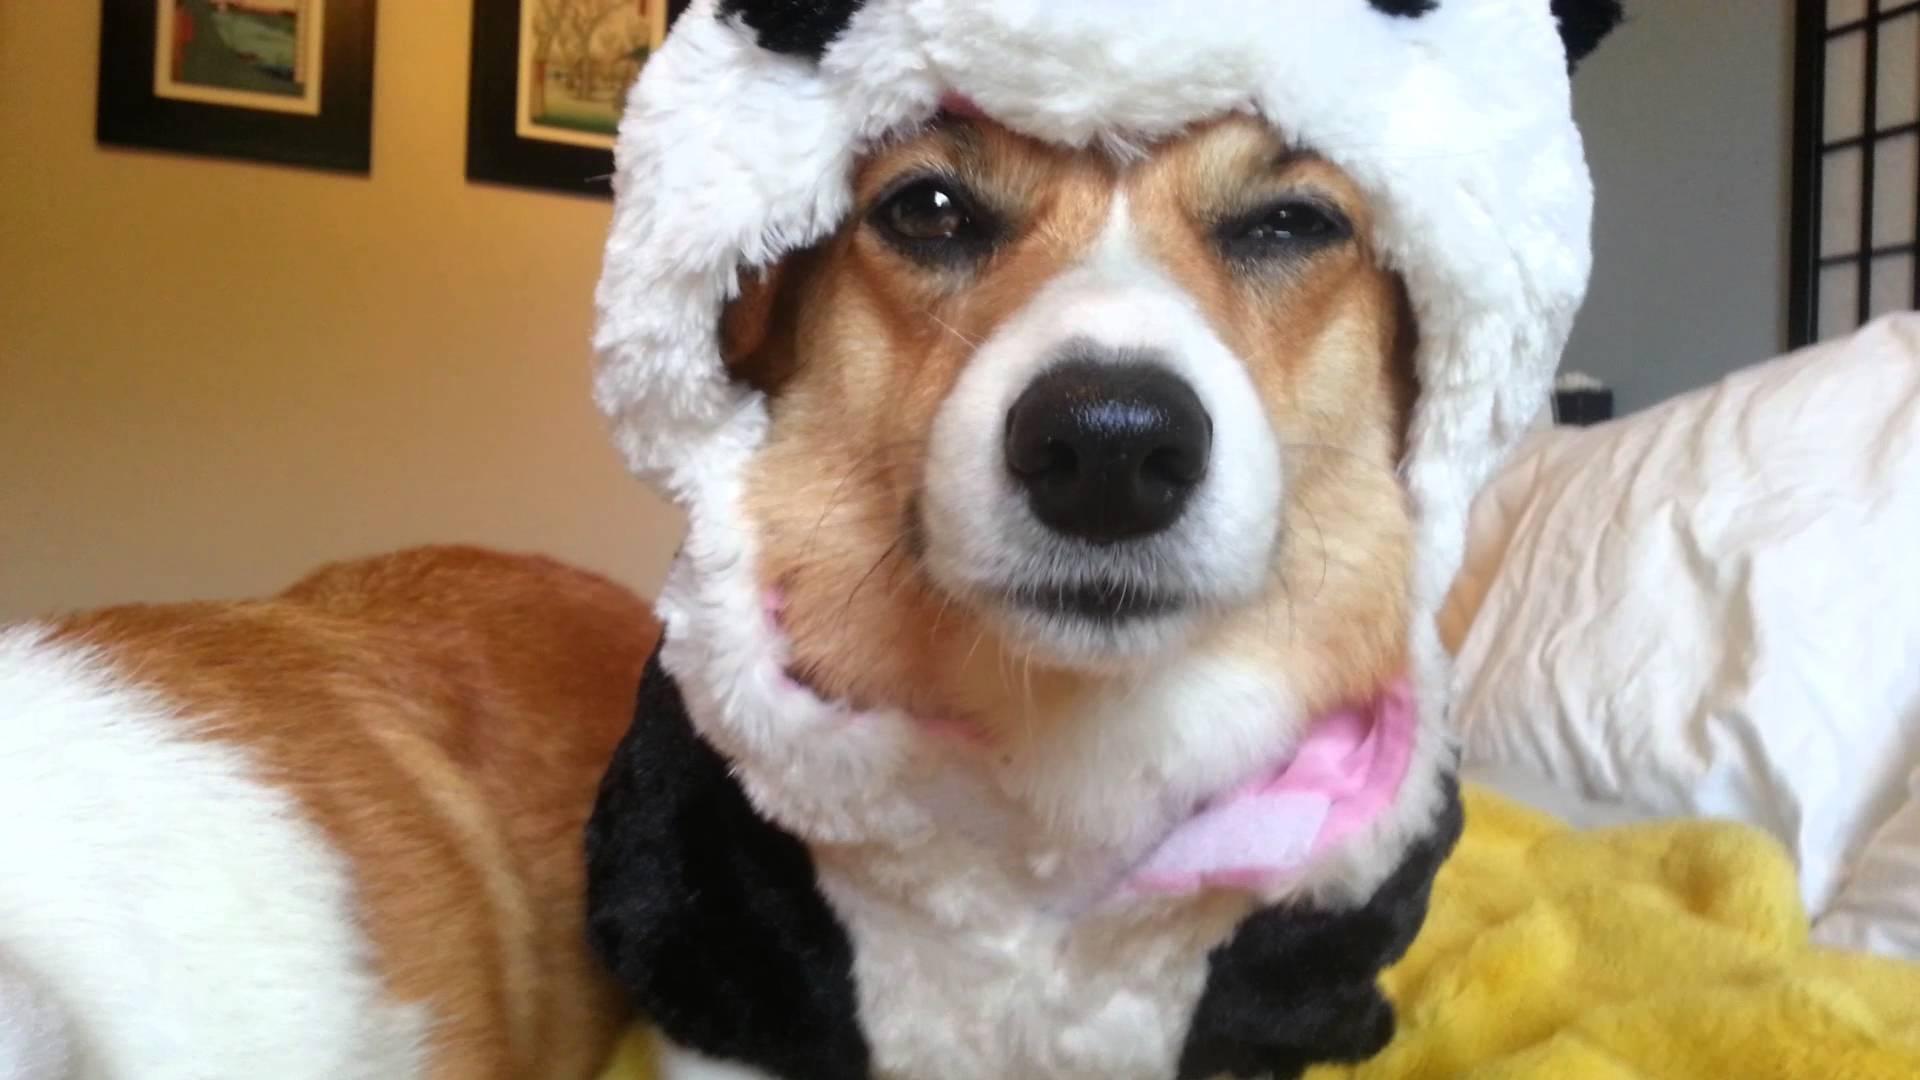 「やめーや……」着ぐるみを着させられた犬の超不快そうな表情